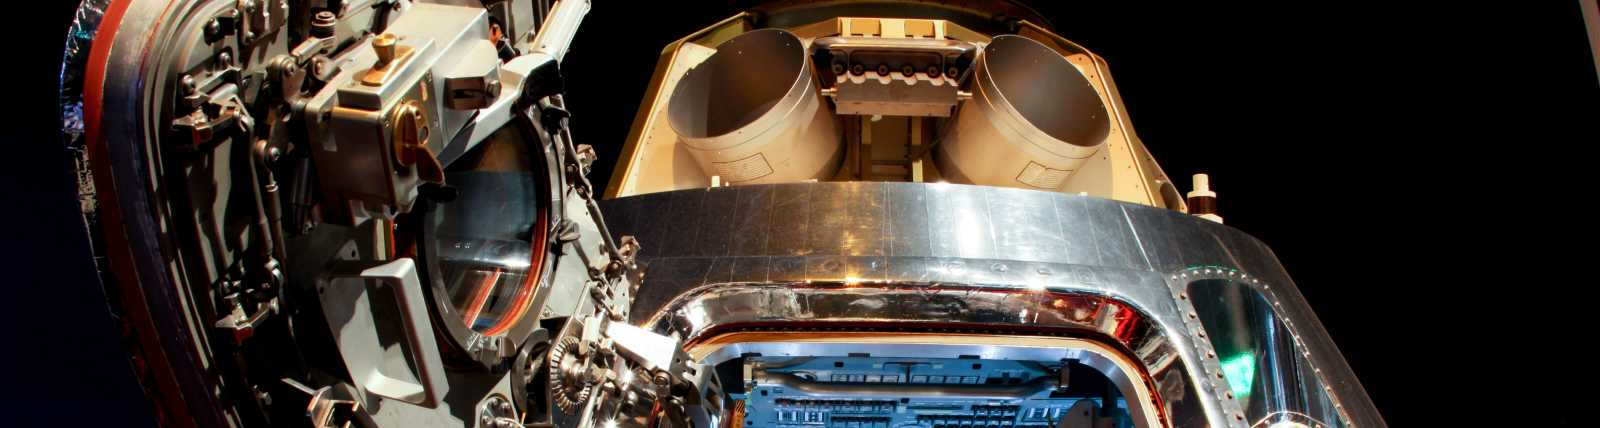 Apollo Command Module